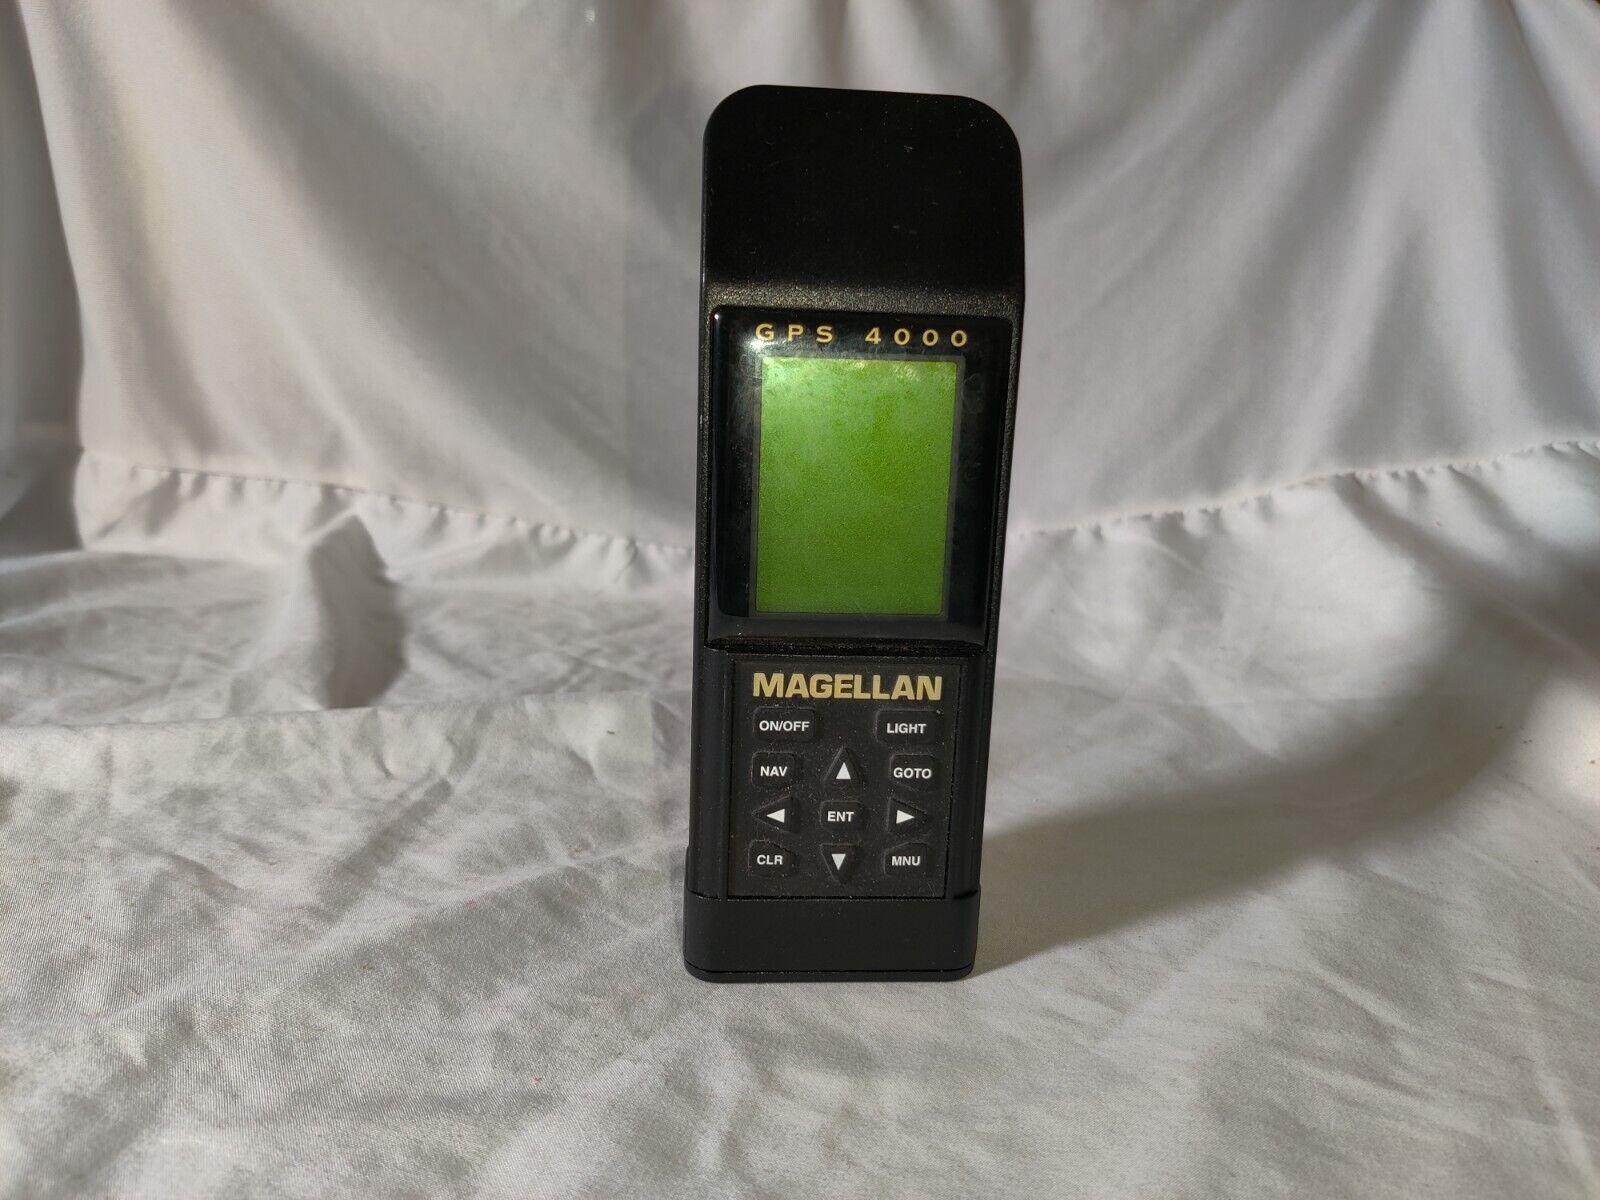 Magellan GPS 4000 XL Handheld Hiking GPS - $20.00